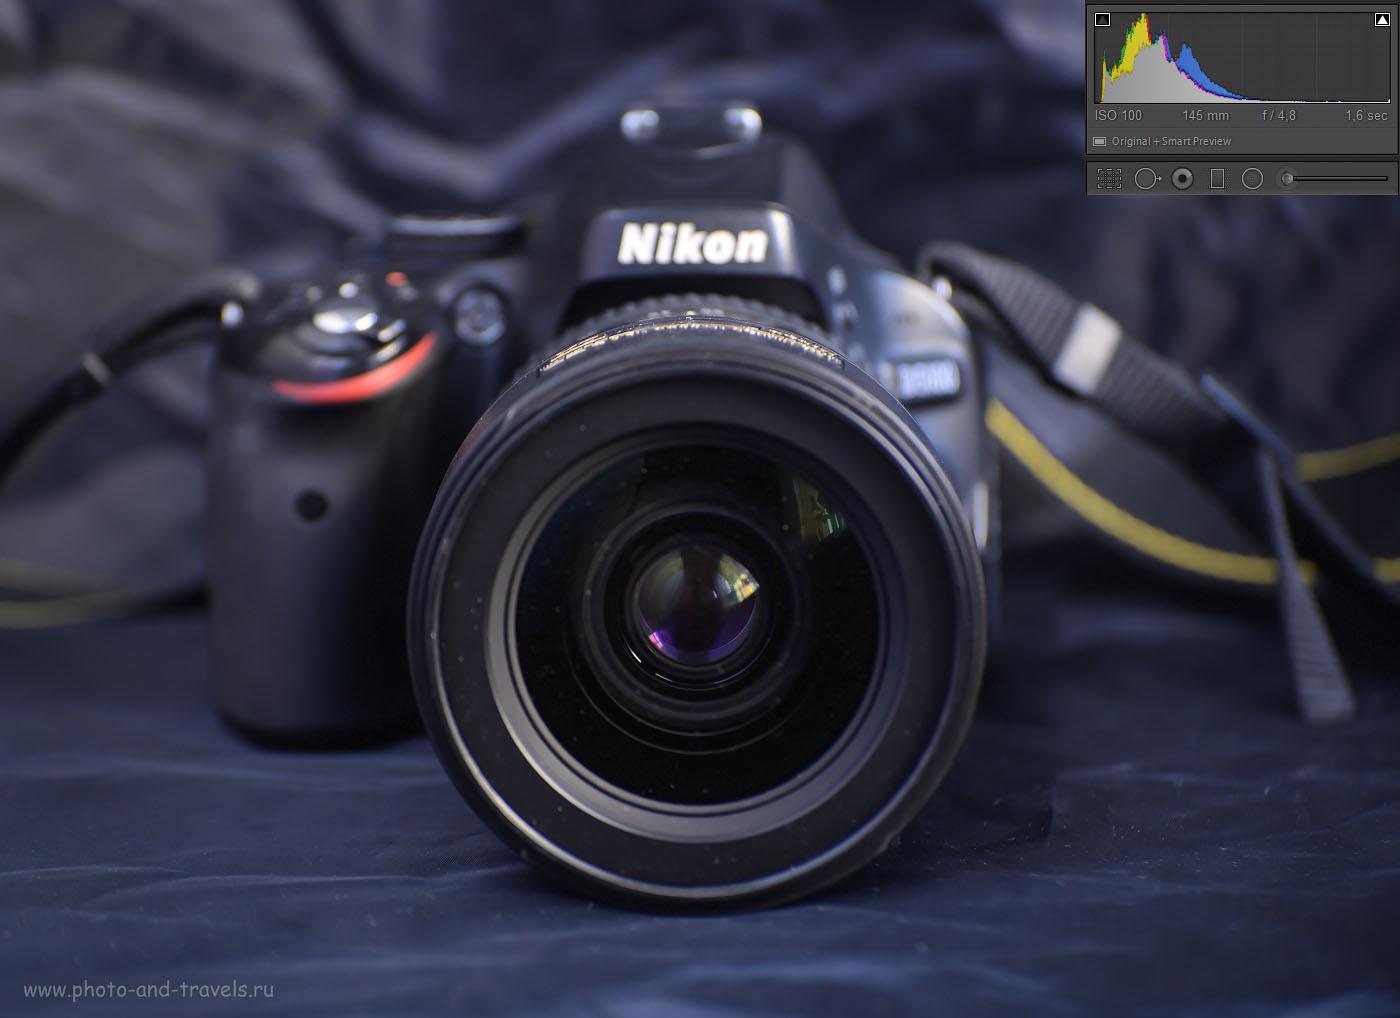 Фотография 12. Введение поправки в минус значительно улучшает фотографию. Как правильно настраивать фотоаппарат при съемке на темном фоне. 1,6 секунды, -1.67 EV, 4.8, 100, 145.